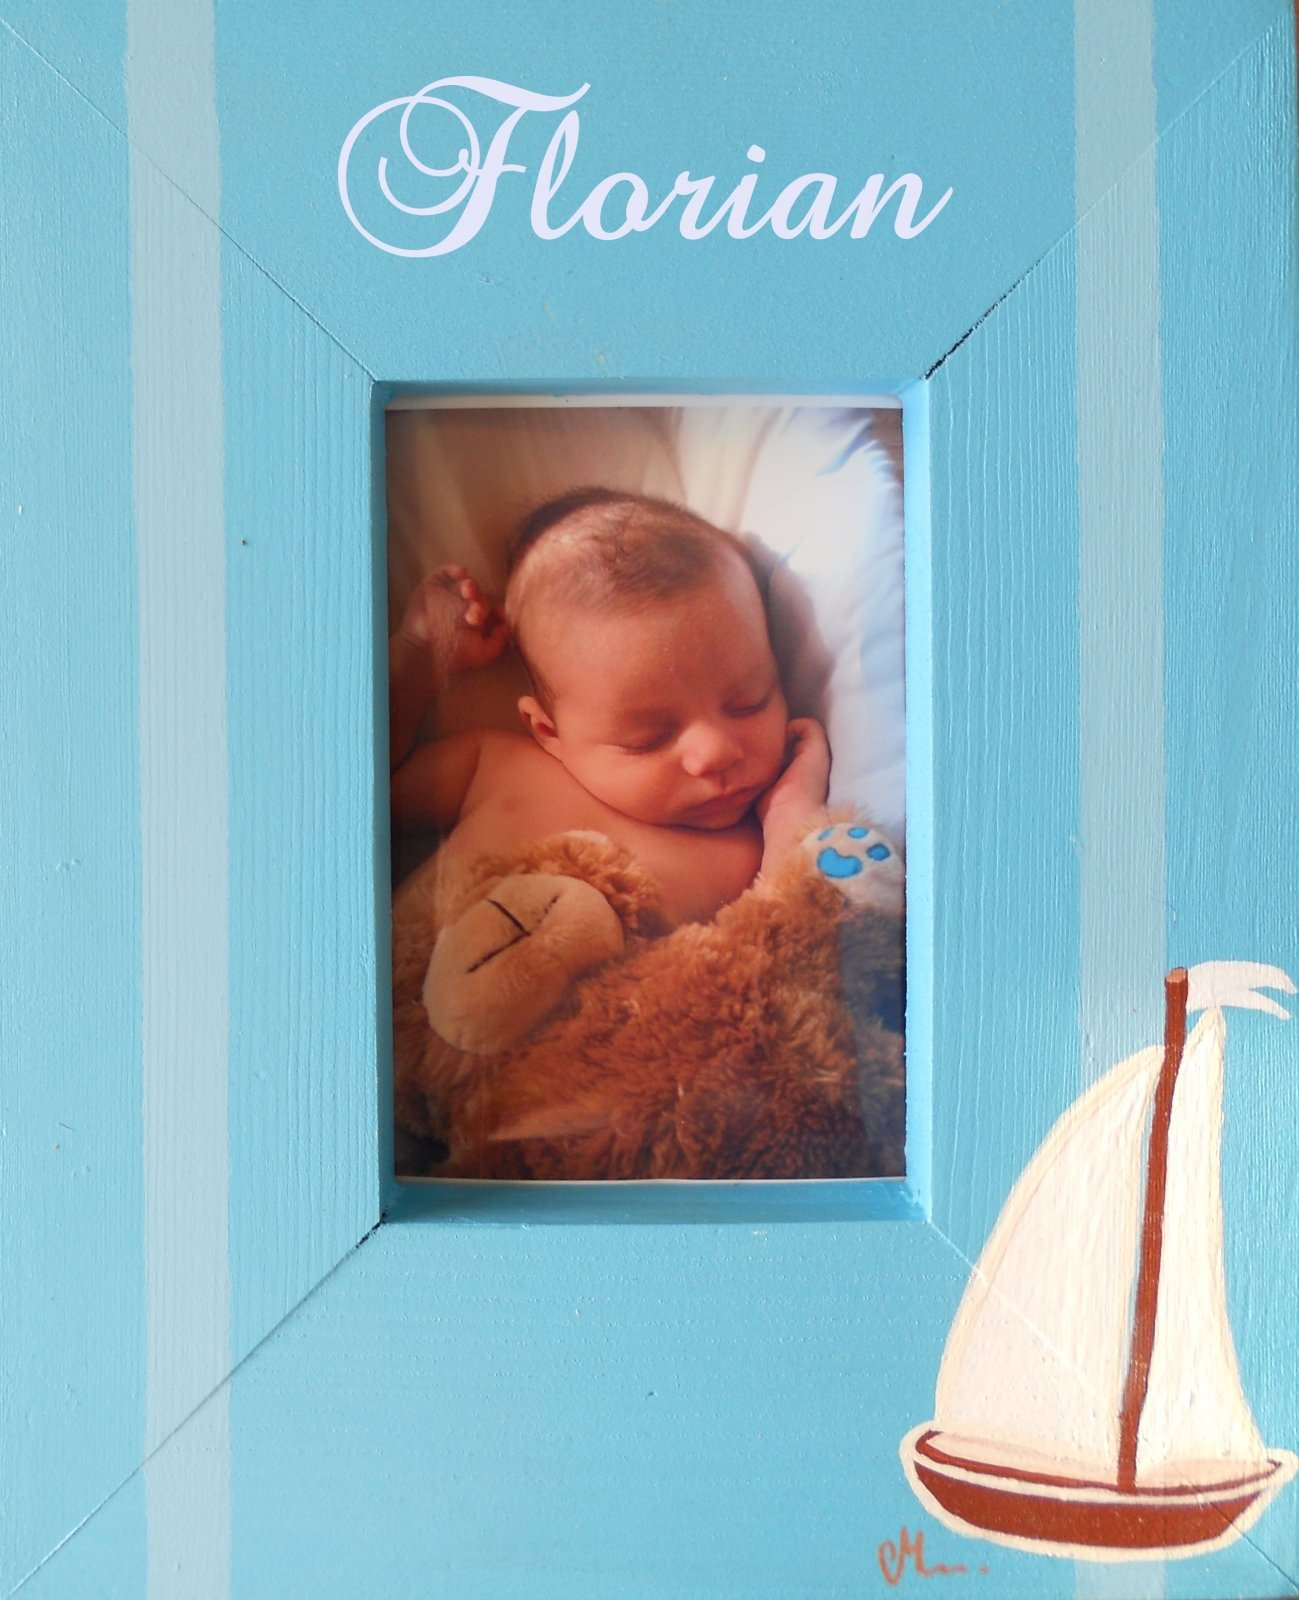 cadre photo en bois thème bord de mer décoration enfant bébé voilier bateau bleu rayure